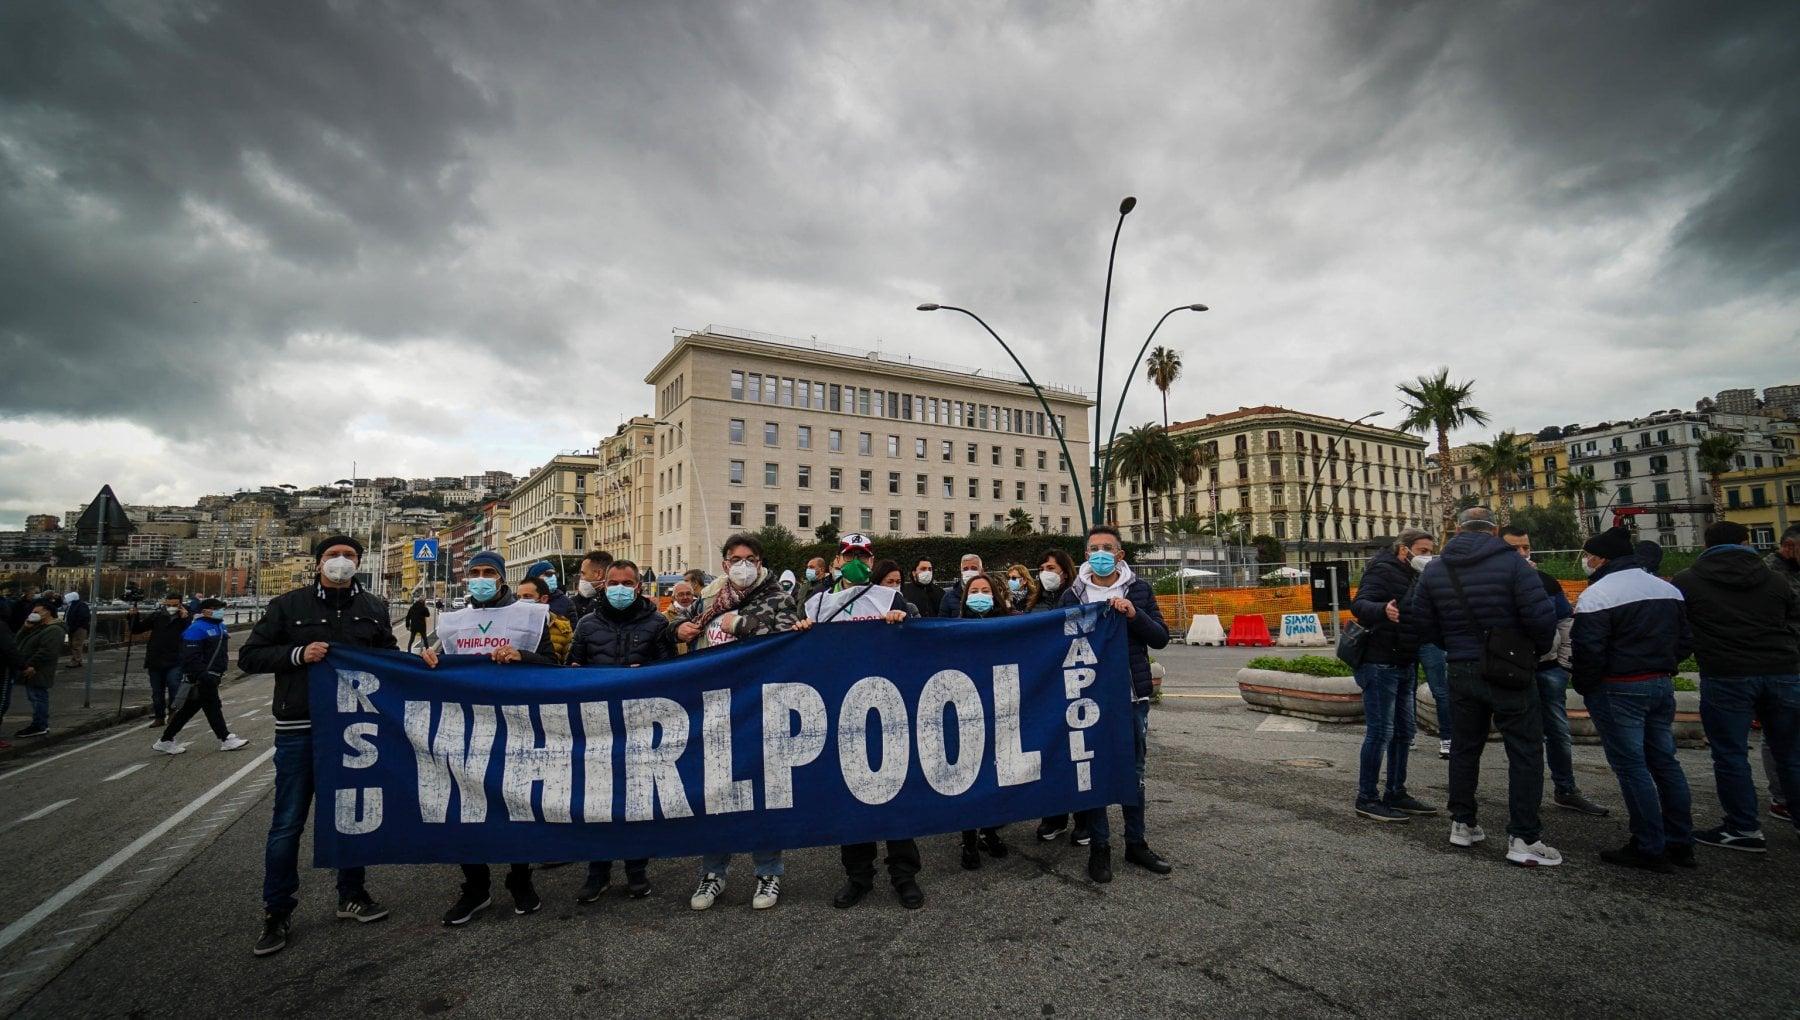 Cassa Covid alla Whirlpool ma la fabbrica non vede il futuro. Calendario fotografico per la lotta degli operai